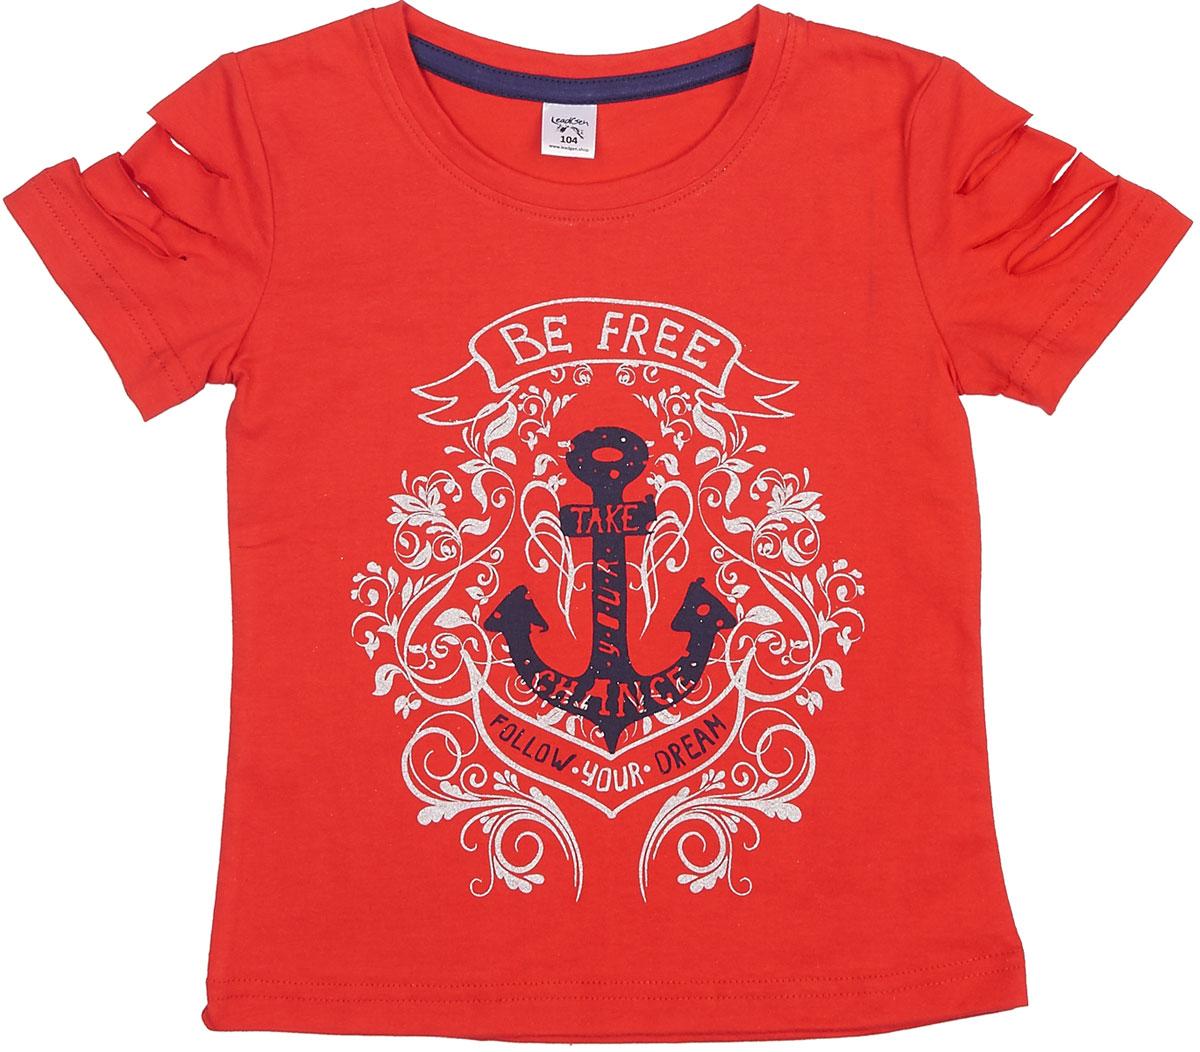 Футболка для девочки LeadGen, цвет: красный. G413019007-171. Размер 134G413019007-171Футболка для девочки LeadGen выполнена из натурального хлопкового трикотажа. Модель с короткими рукавами и круглым вырезом горловины спереди оформлена принтом.